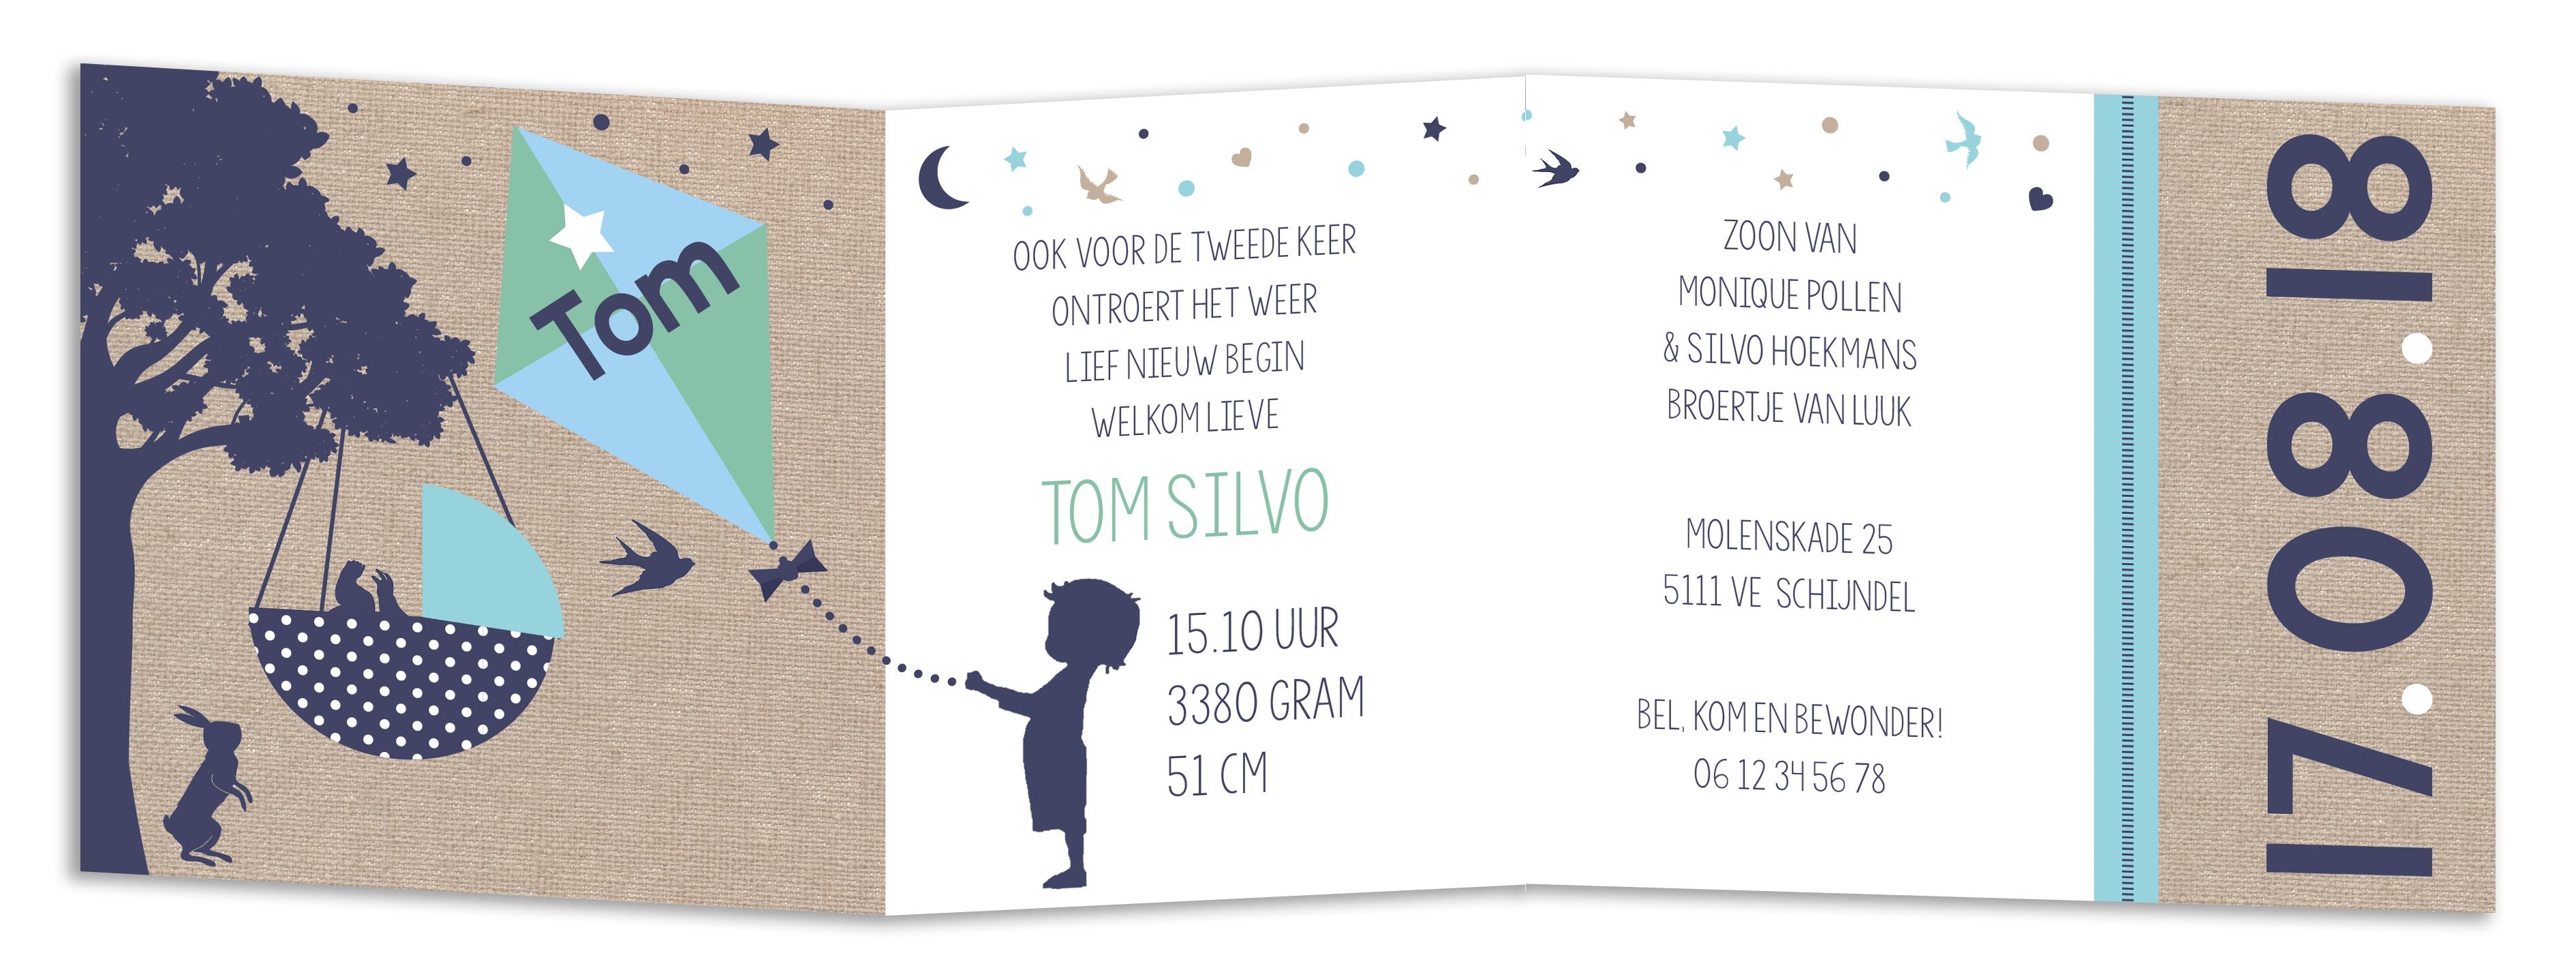 Geboortekaarten Tom